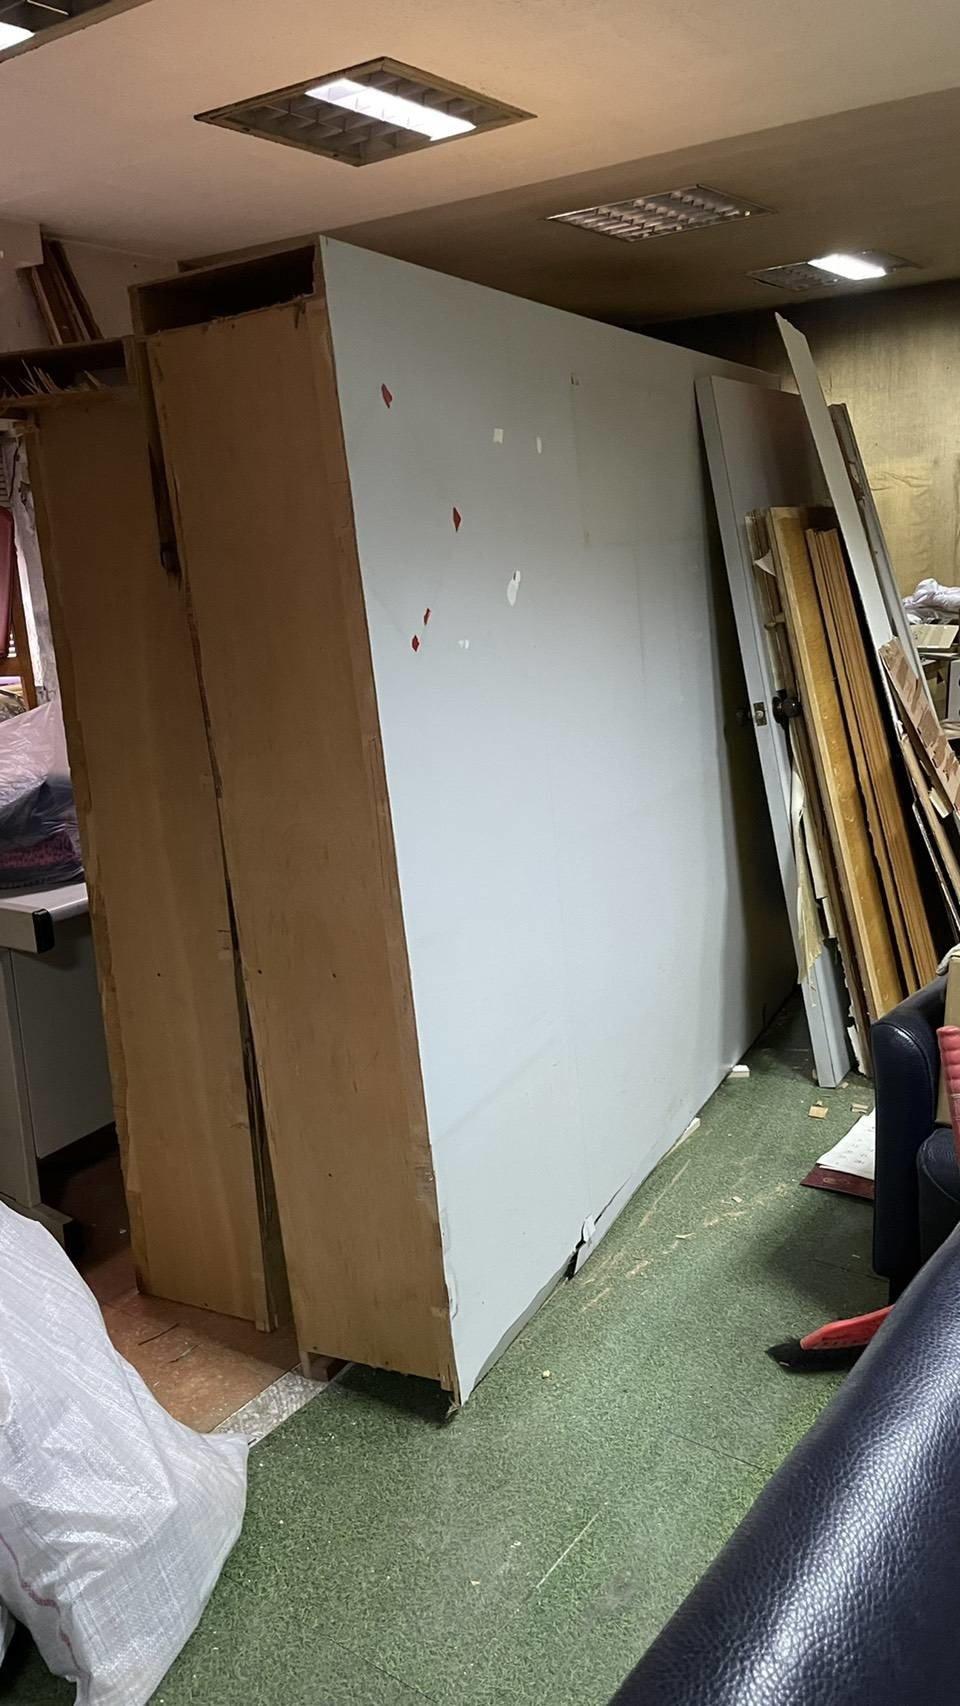 搬工計時、人工搬運、搬水晶洞【榮福搬家公司】特殊重物搬運、專搬重物、人力搬運、搬家首選、口碑第一、精搬金庫、搬保險櫃、精搬魚缸、跨縣市搬家、床墊搬運、搬床組、搬洗衣機、冰箱搬運、搬家具、搬展示木櫃、搬大理石桌、搬大型茶几、石墩搬運、搬置物櫃辦公桌、搬個人活動櫃、石頭搬運、搬神明桌、木製家具搬運、吊掛搬運、吊家具搬運、家庭搬家、辦公室遷移、公司行號搬遷、同棟不同樓層搬運、桃園搬家公司推薦、南港搬家、基隆搬家、新北搬家公司推薦、台北搬家公司推薦:大台北搬家,精緻包裝搬運「細膩包裝、專業搬運、用心服務、以客為尊」是榮福搬家公司的宗旨與精神。歡迎立即來電02-2651-2727專人服務。